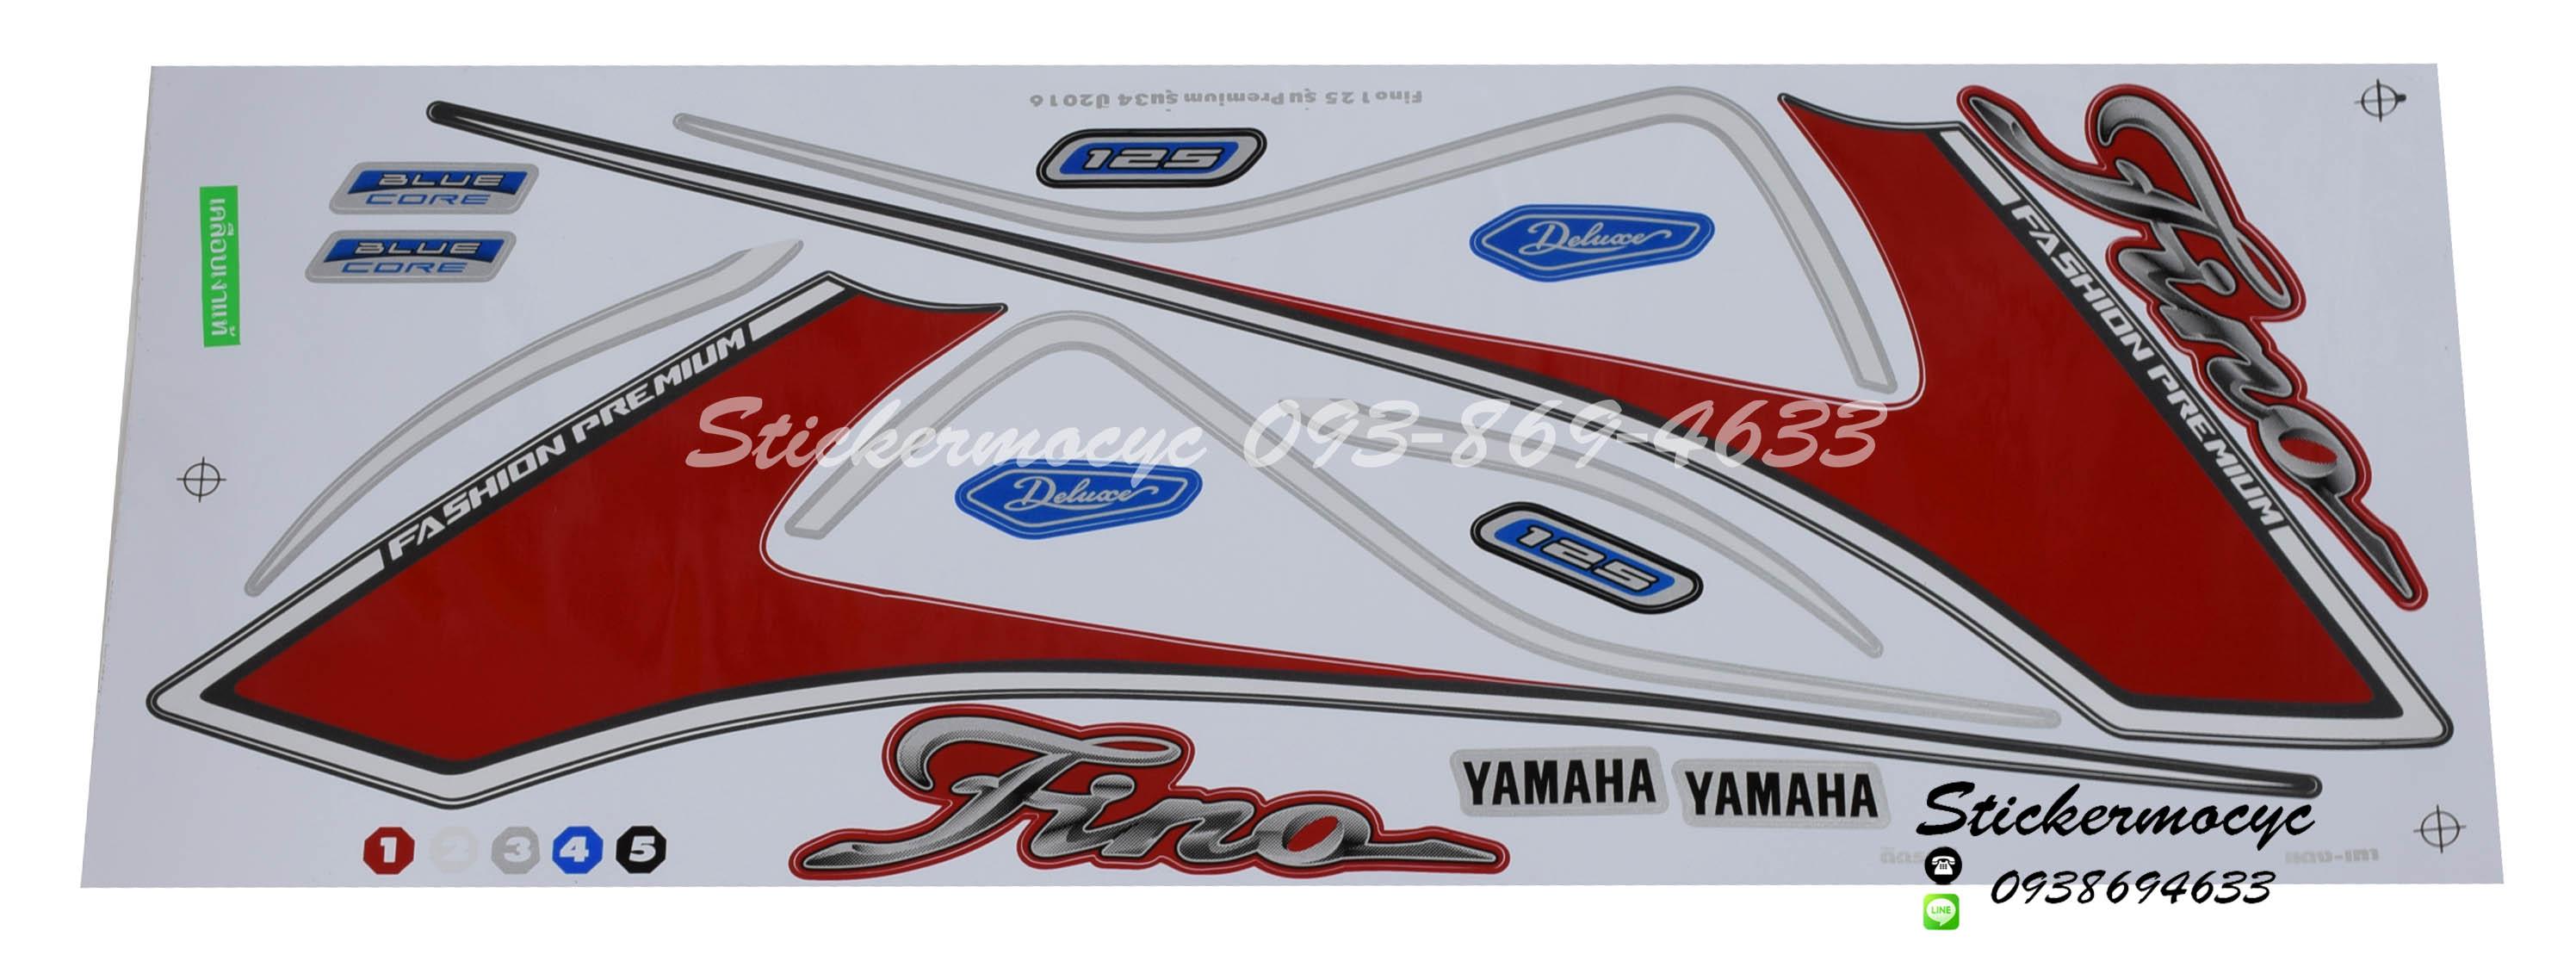 สติ๊กเกอร์ติดรถ มอเตอร์ไซค์ ยามาฮ่า ฟีโน่ Sticker Yamaha Fino 125 ปี 2016 รุ่น 34 ติดรถ สีแดง เทา (เคลือบเงาแท้)